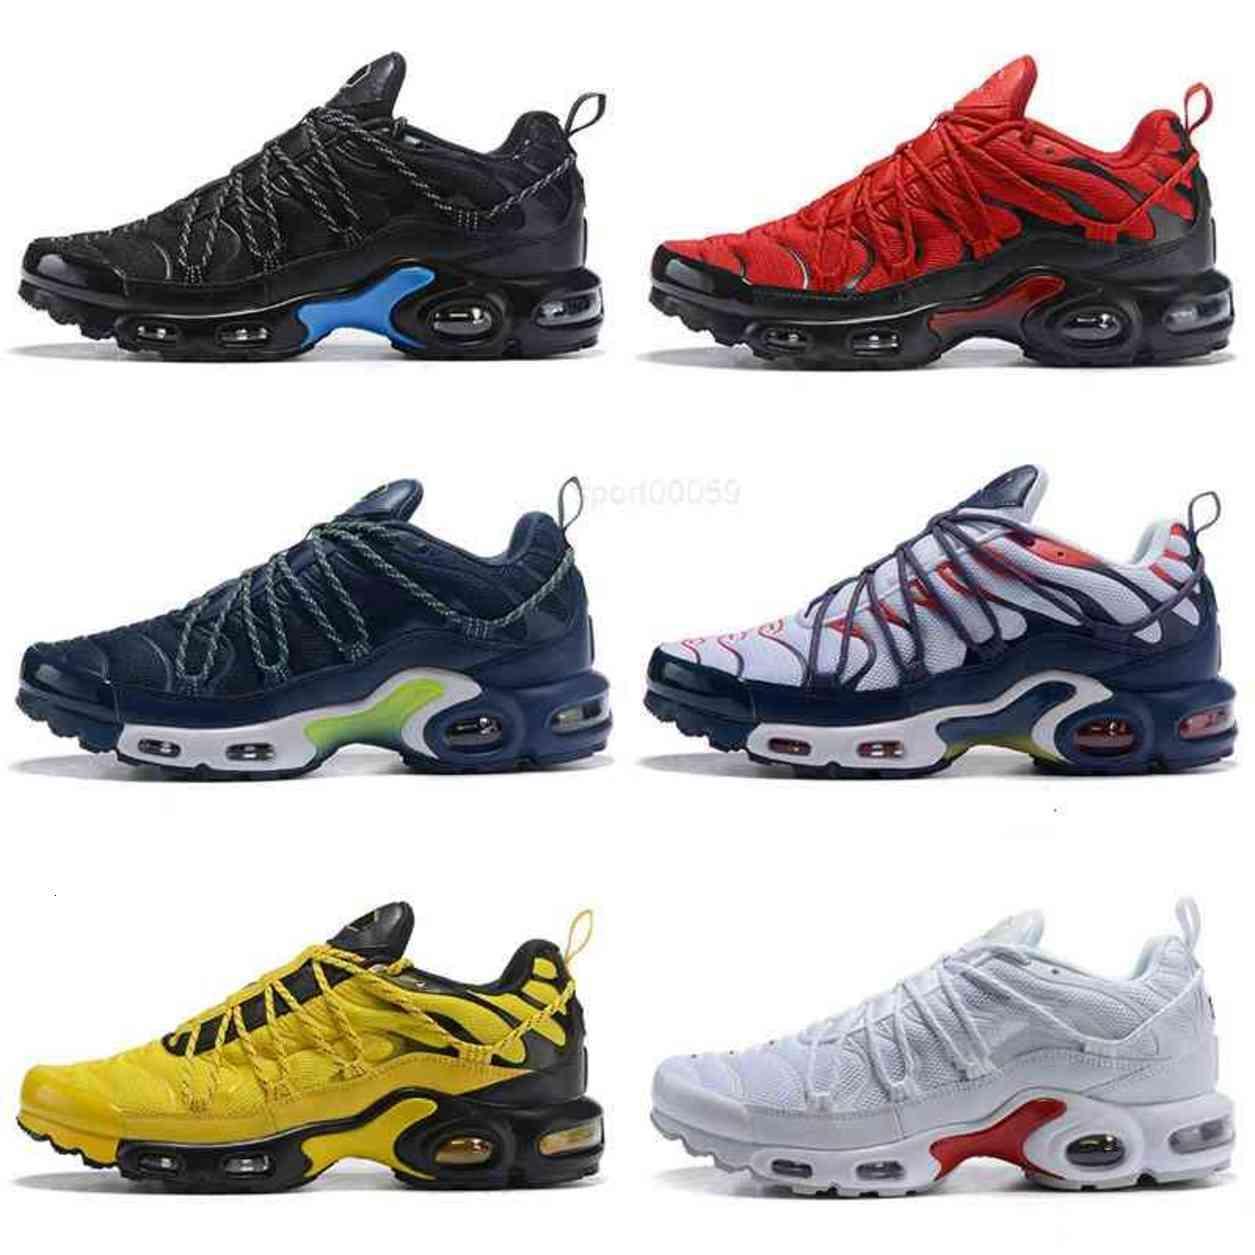 TN 1 زائد واحد أحذية أطفال كلاسيكية للنساء رجالي الأعلى القوليتي أسود أحمر رمادي chaussures الأزياء المدربين أحذية رياضية